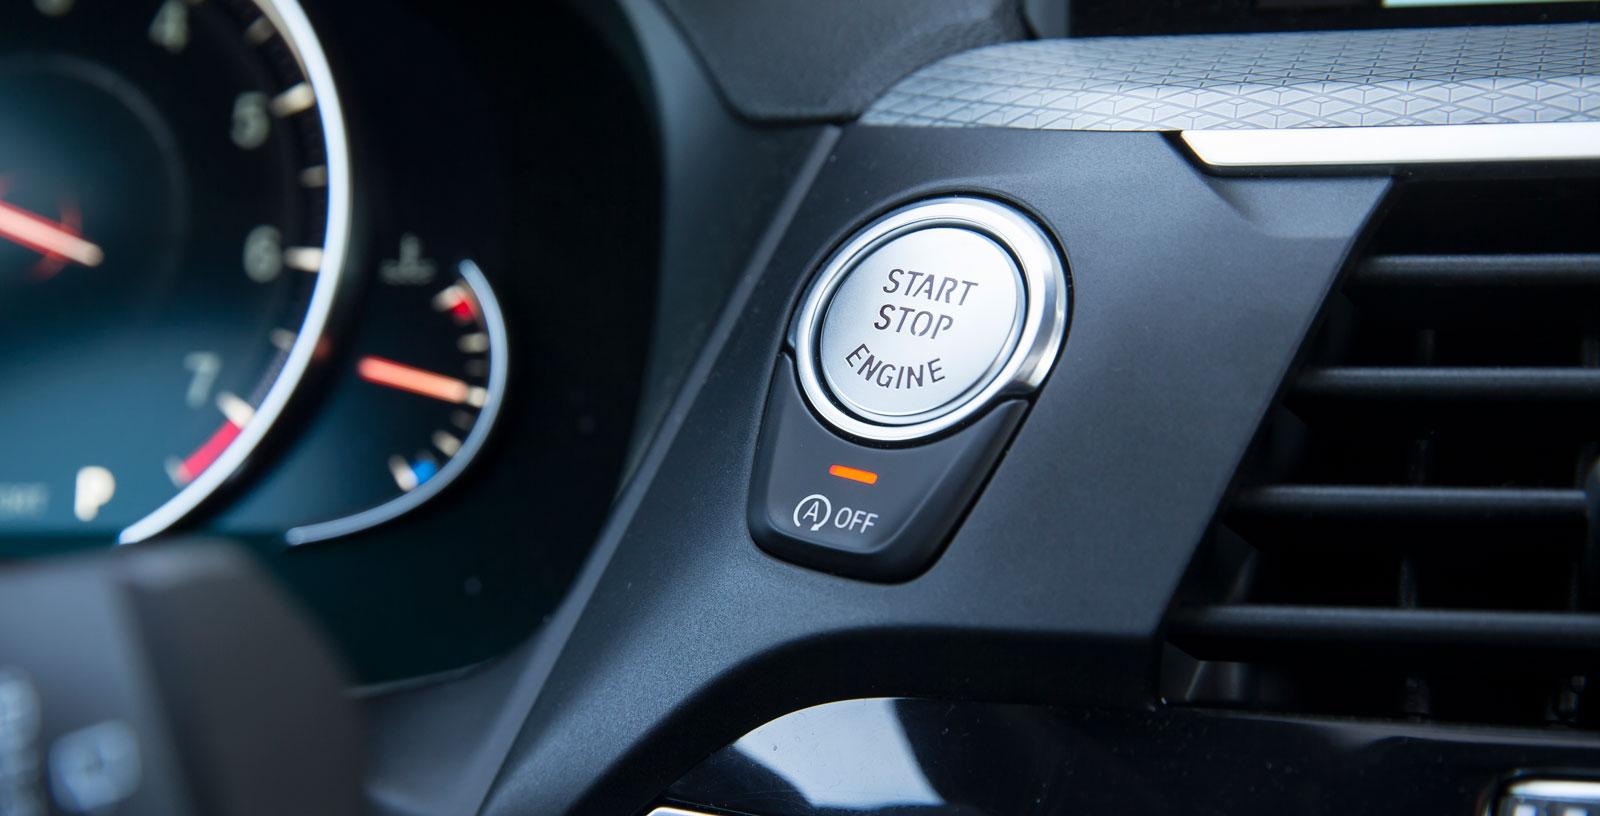 BMW:s placering av strömbrytaren för stopp-/startfunktionen är enklast och bästa tänkbara – under startknappen.